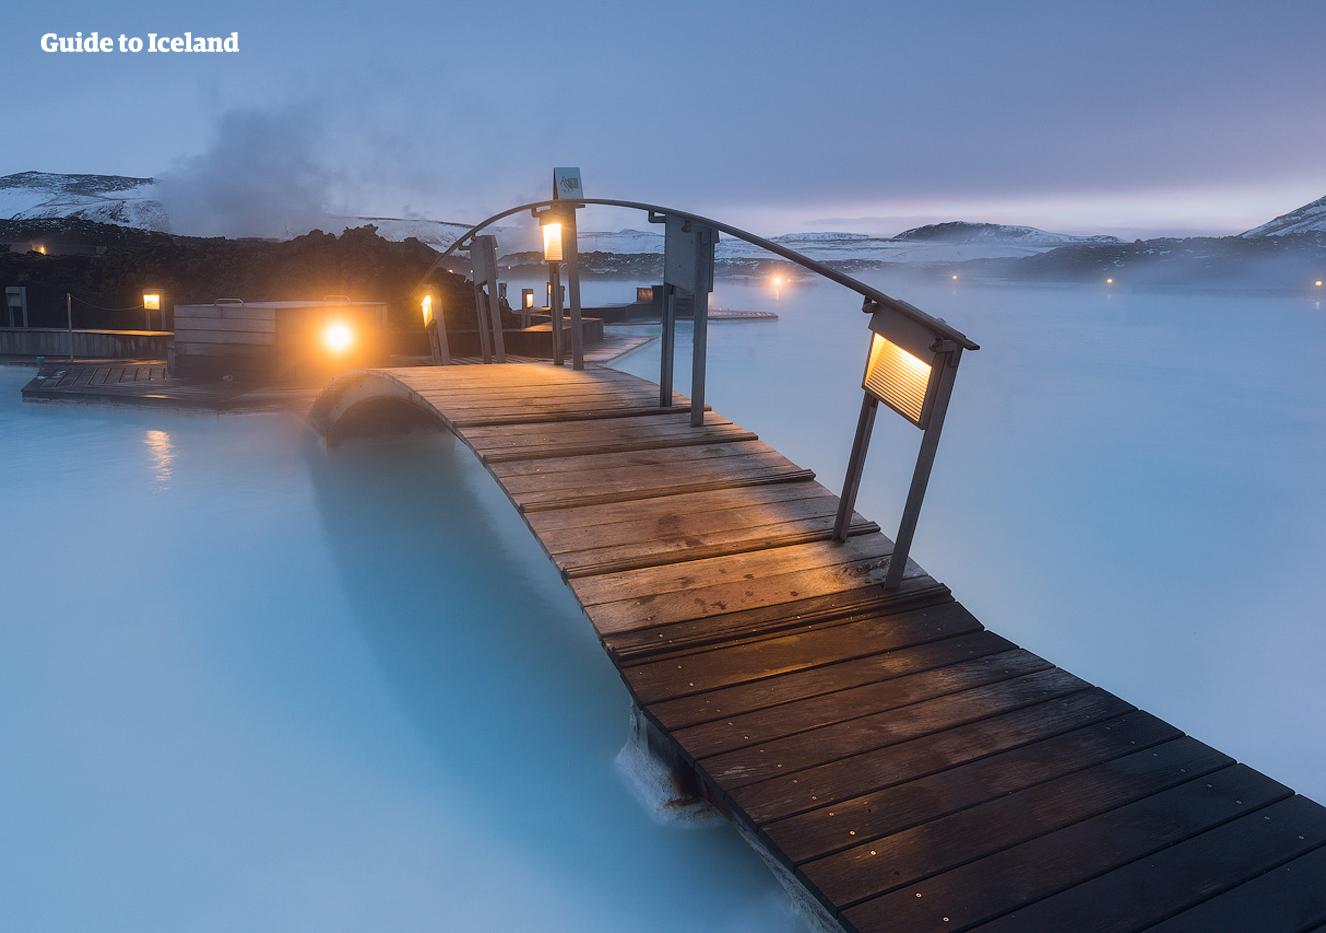 蓝湖温泉闻名世界,来冰岛不可不去